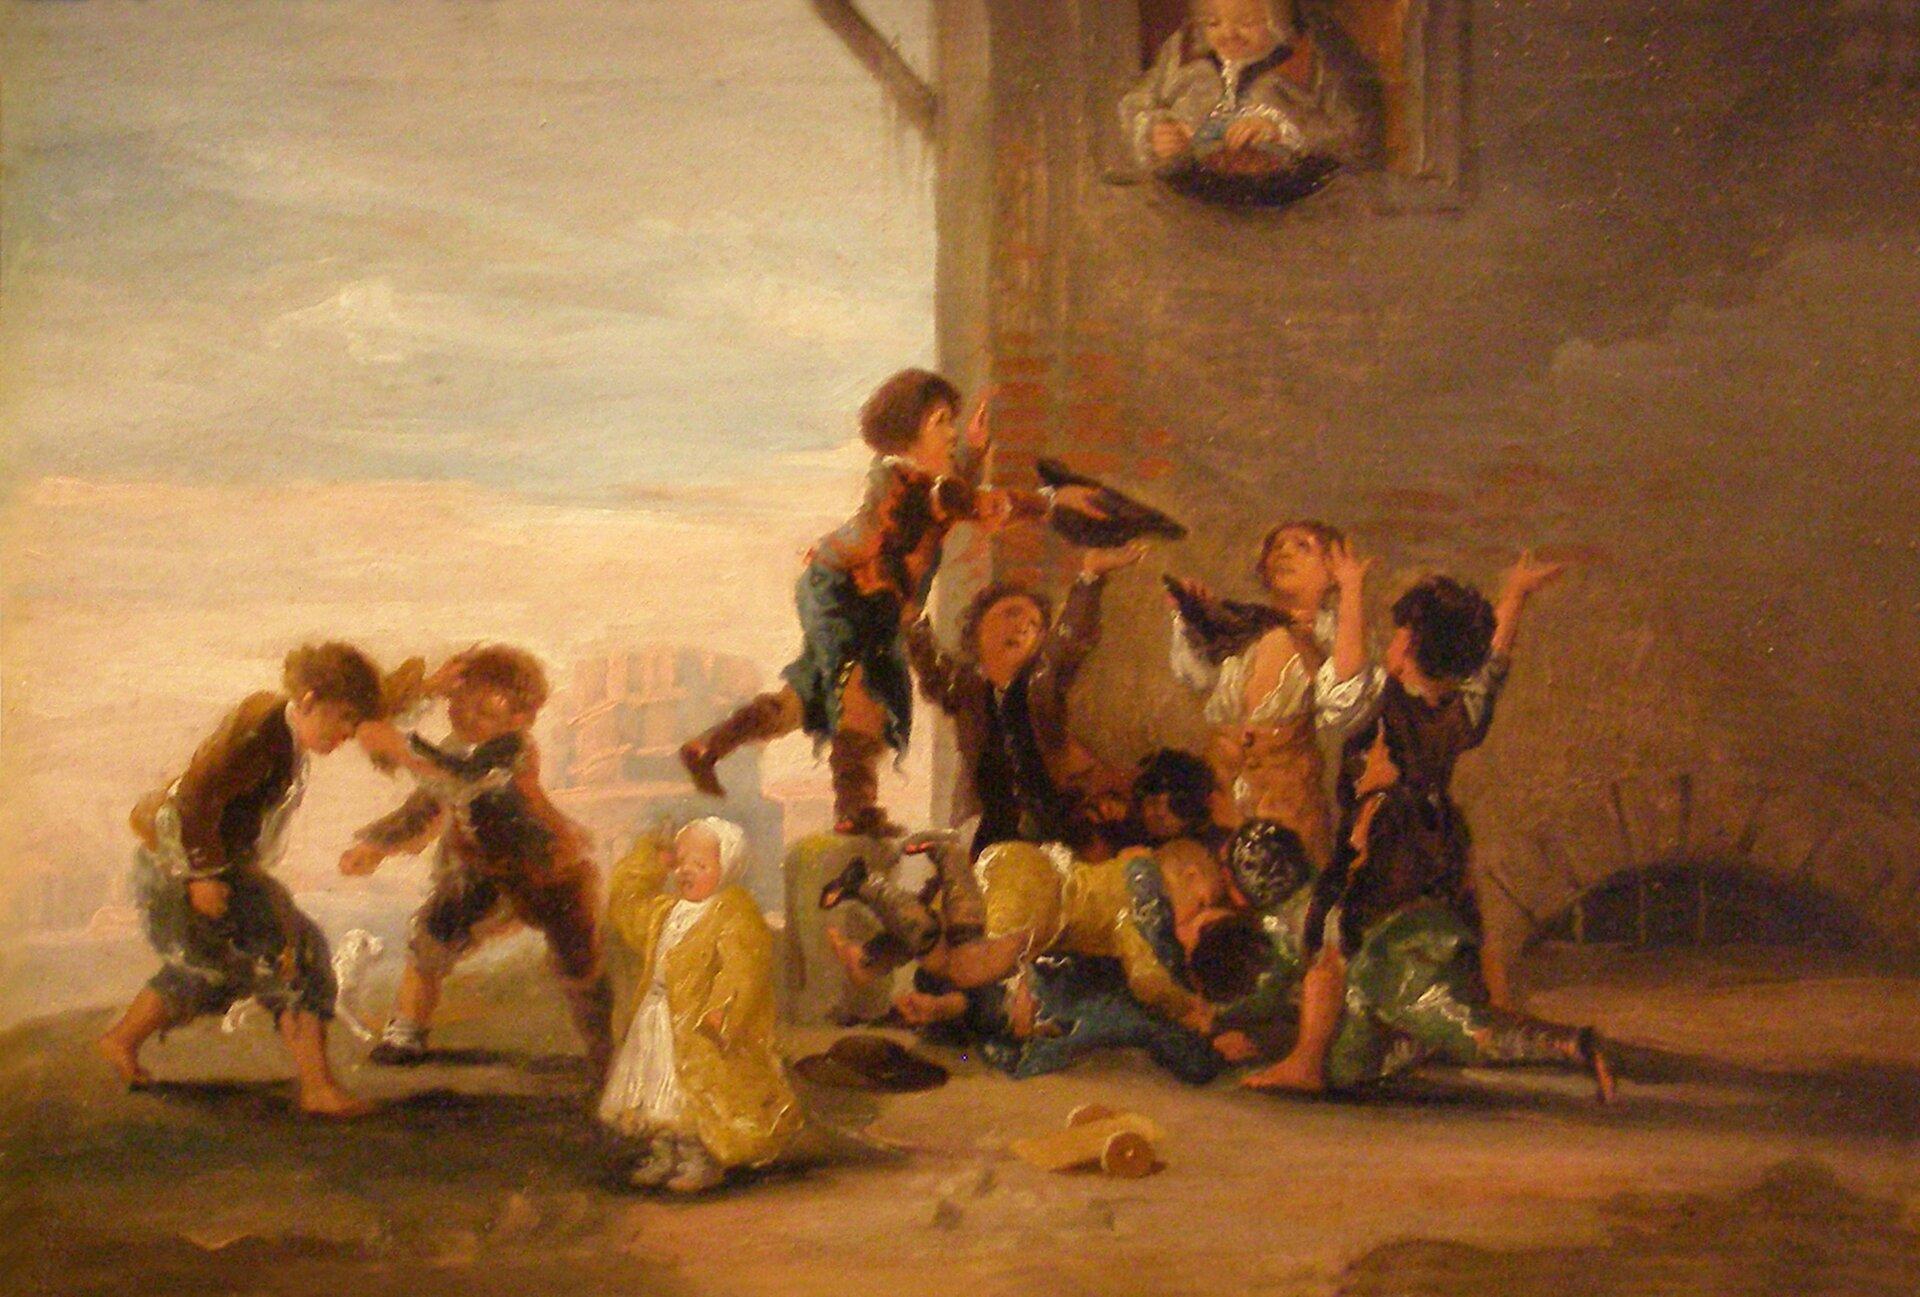 Zabawy dziecięce Dzieci bijące się okasztany Źródło: Francisco Goya, Zabawy dziecięce, 1782–1785, domena publiczna.